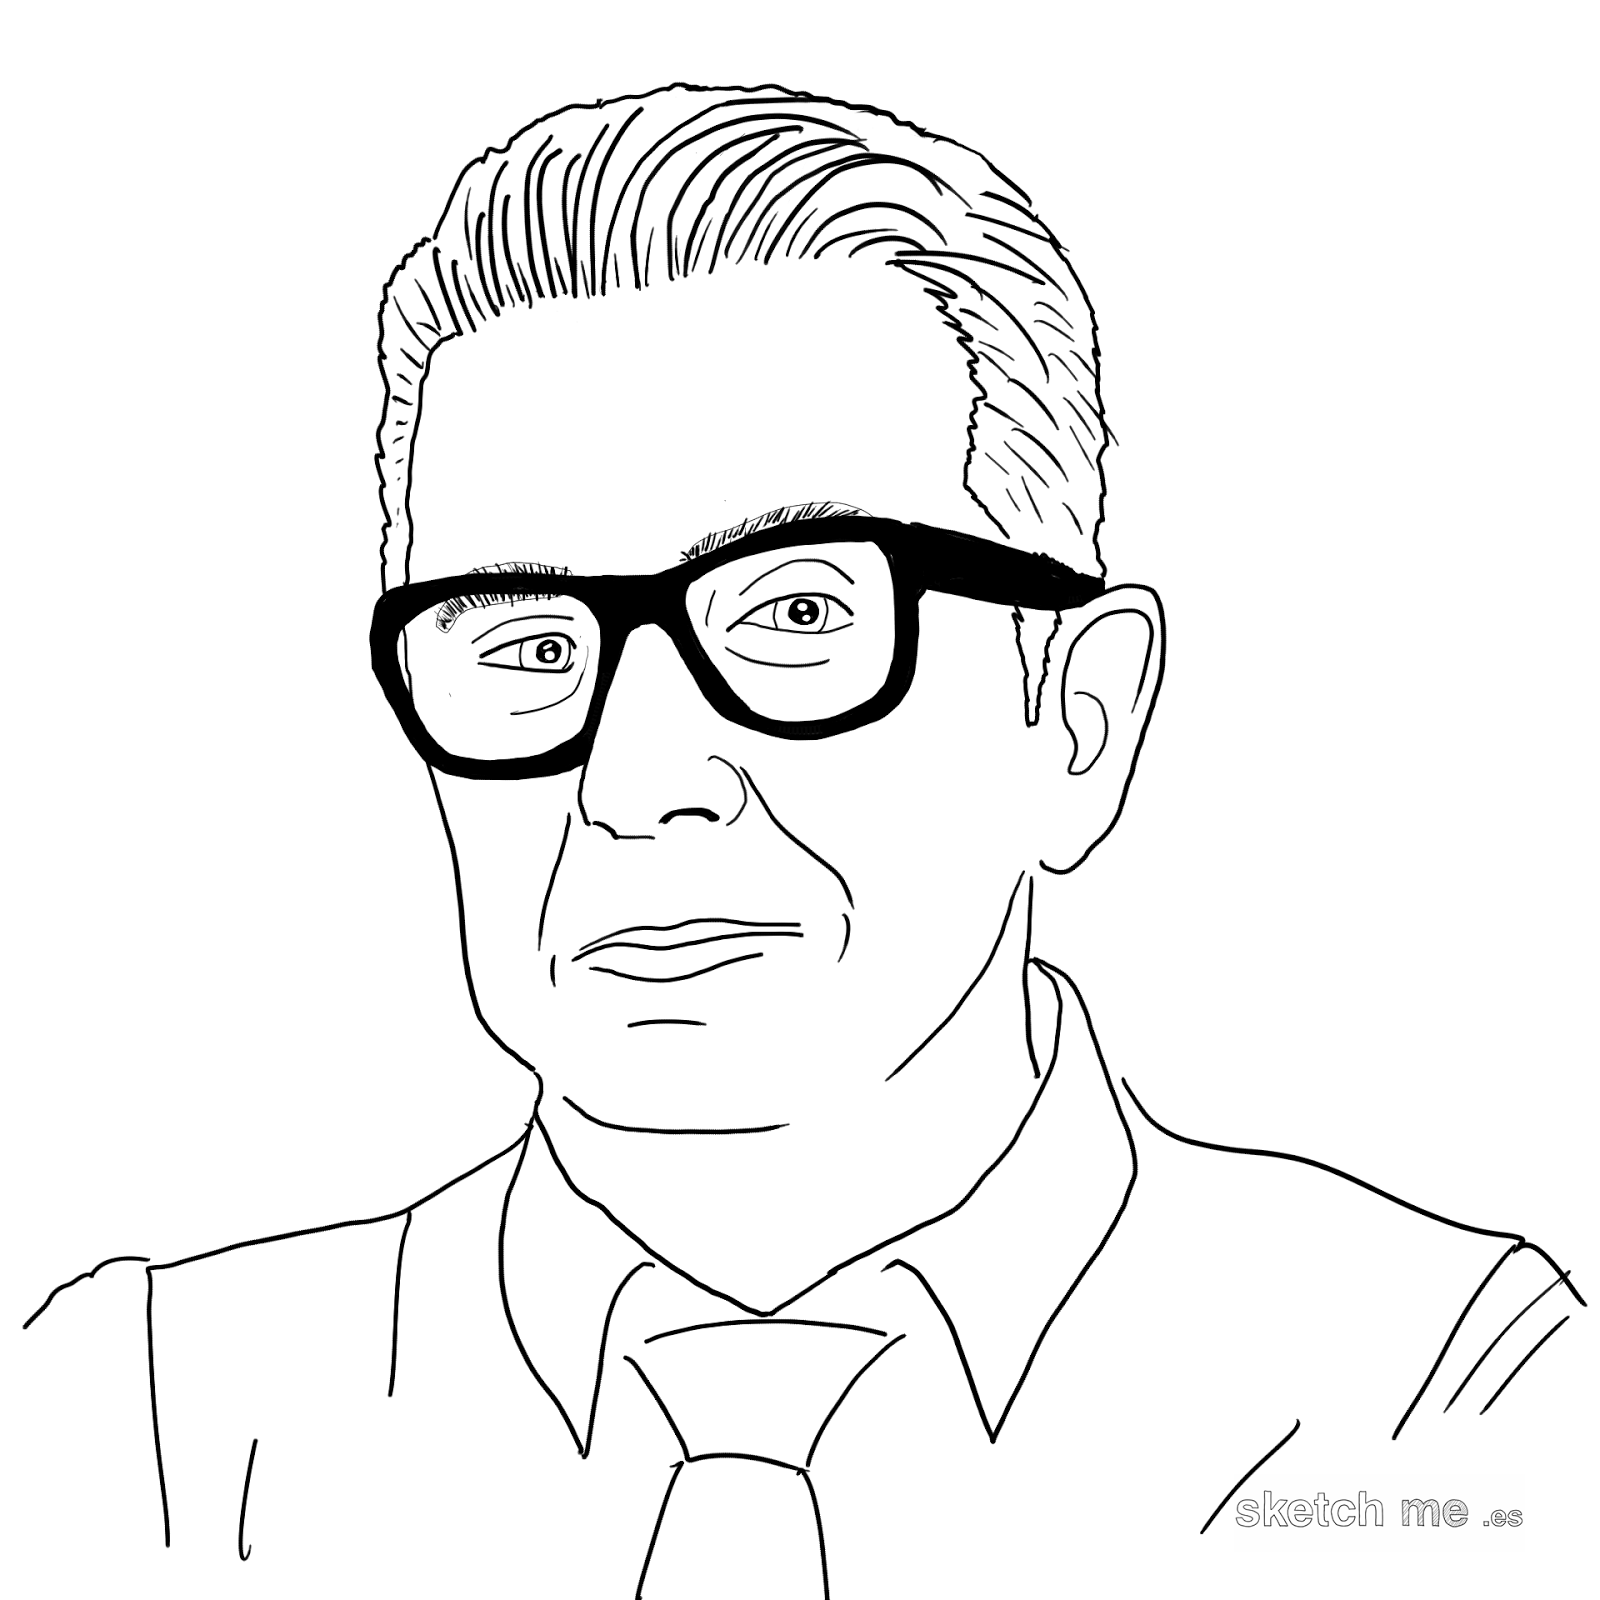 andreu-buenafuente-sketch-me-retratos-personalizados-dibujados-a-mano-para-facebook-twitter-whatsapp